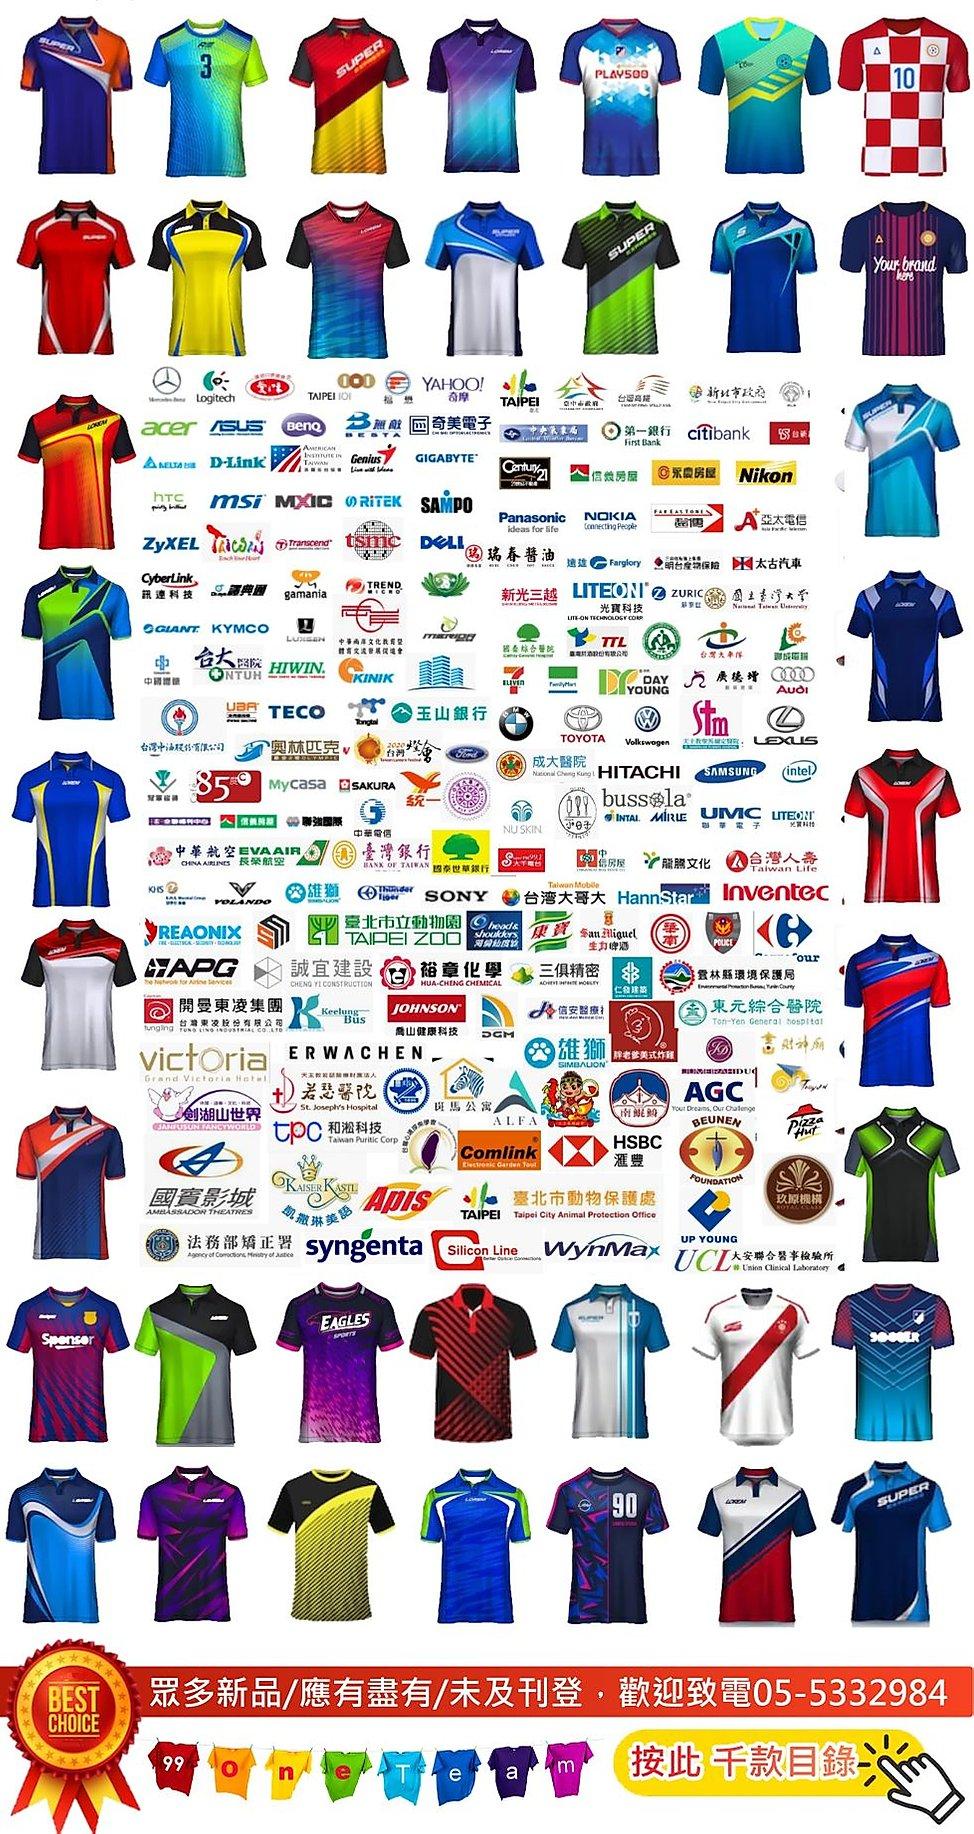 知名廠商推薦訂製衣服-T-shirt/Polo衫訂製廠商-客製化衣服圖案